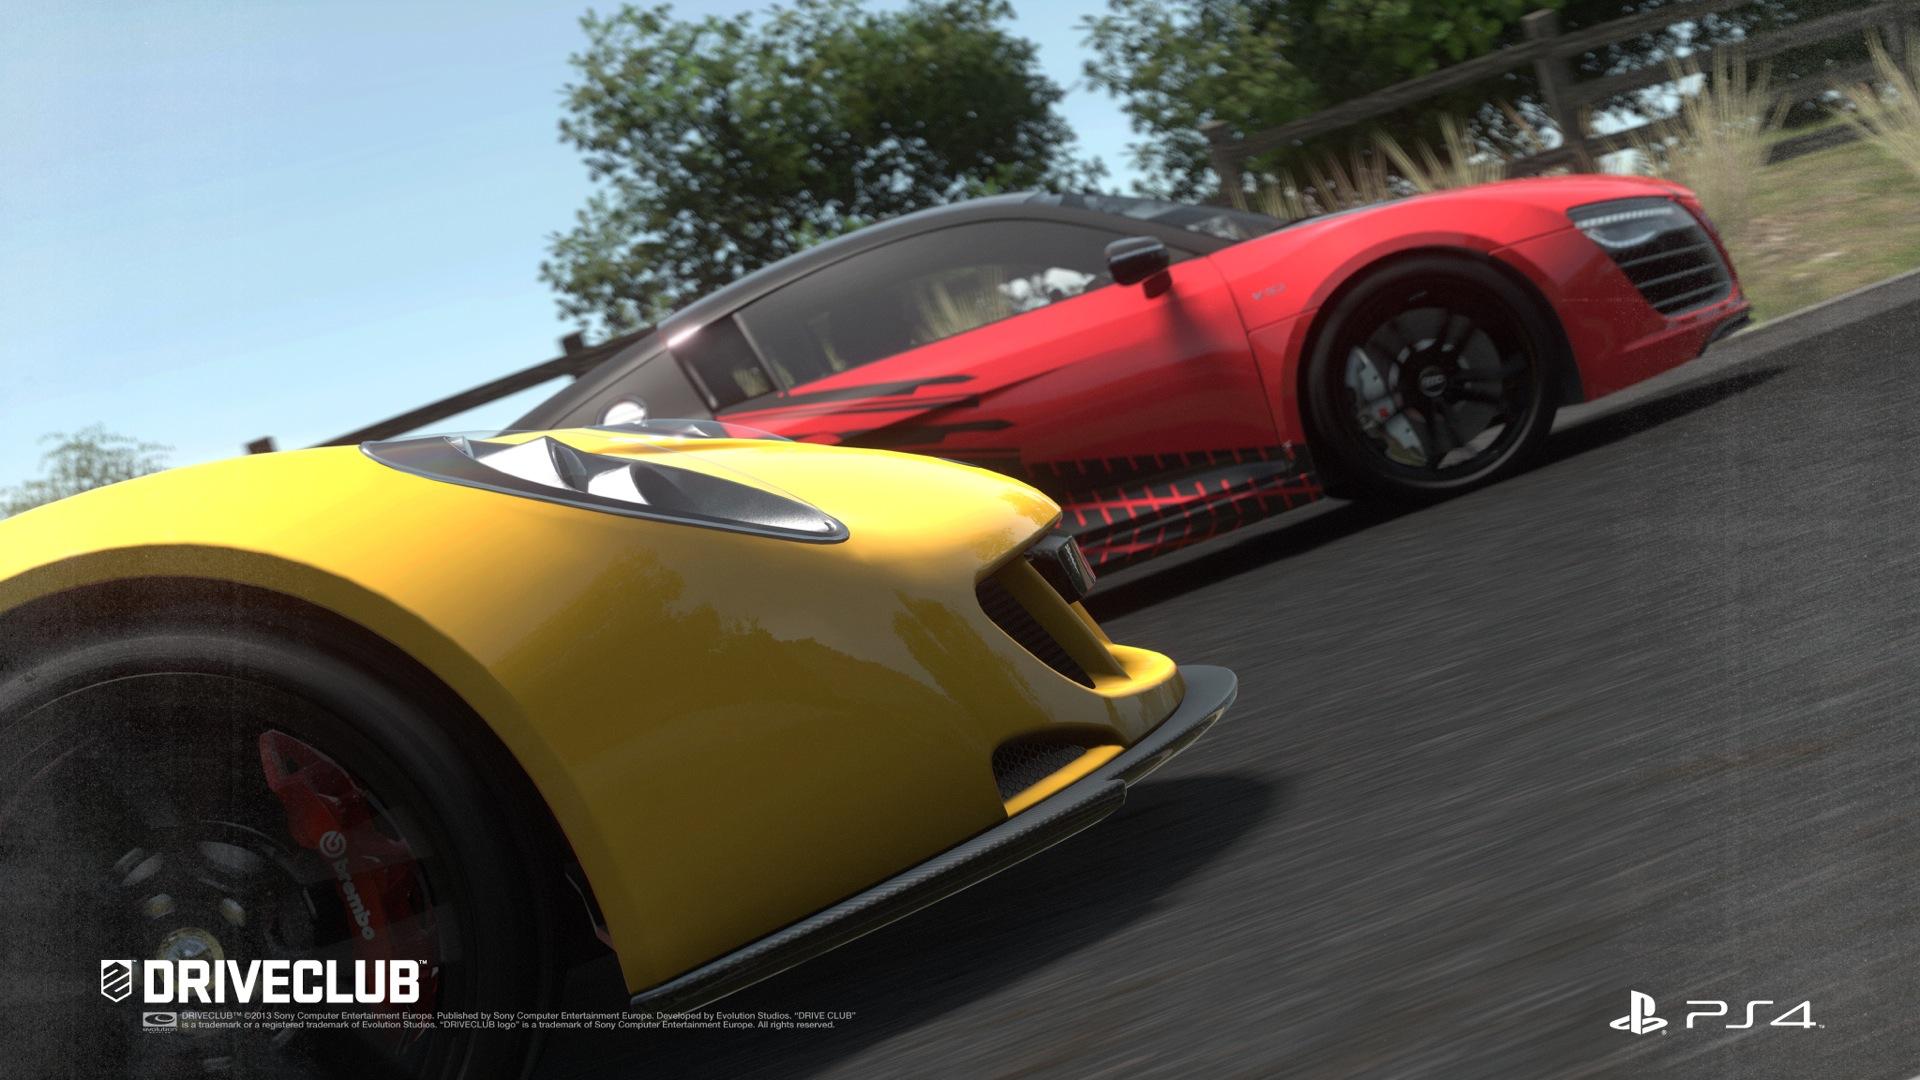 DriveClub de PS4: Vídeo con gameplay de carreras next-gen